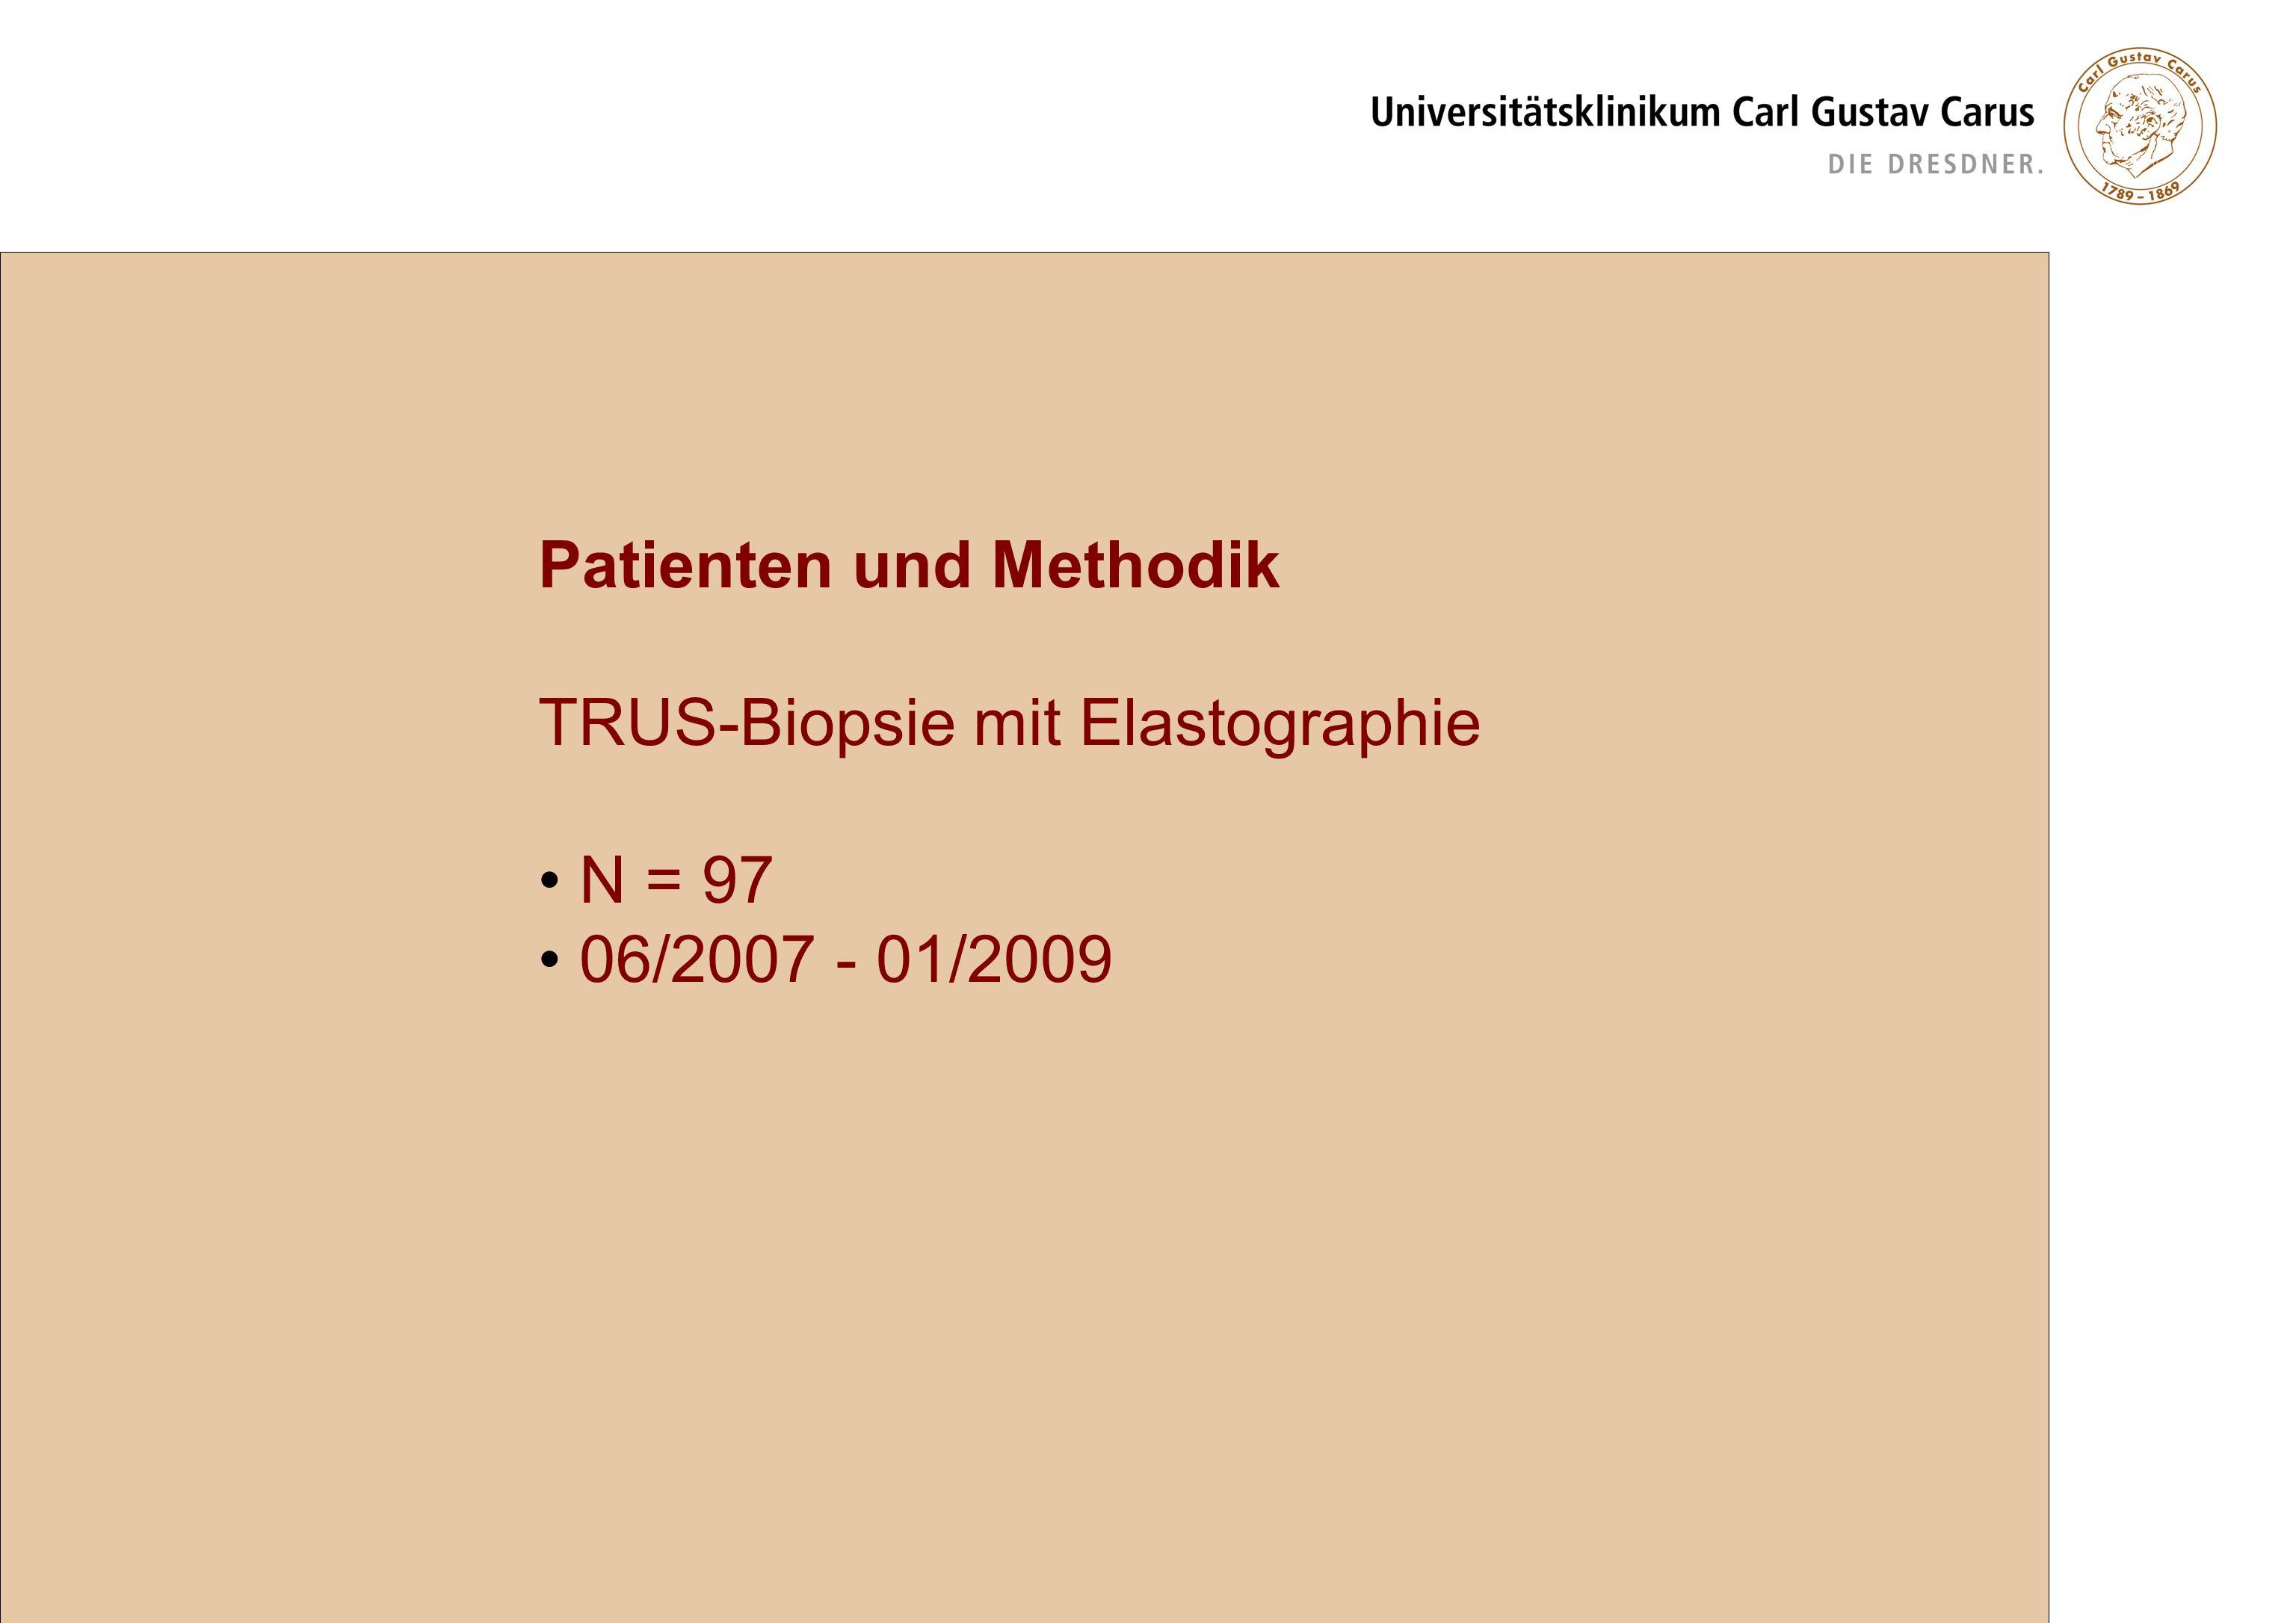 Verteilung des Karzinomnachweises unter den 32 diagnostizierten Karzinomen Ergebnisse 12 (12-28) randomisierte Biopsien 3 (0-9) zusätzliche Zylinder Karzinom in 137 von 1509 (9,08%) Standardzylindern Karzinom in 25 von 295 (8,47%) Elastographie-Zylindern